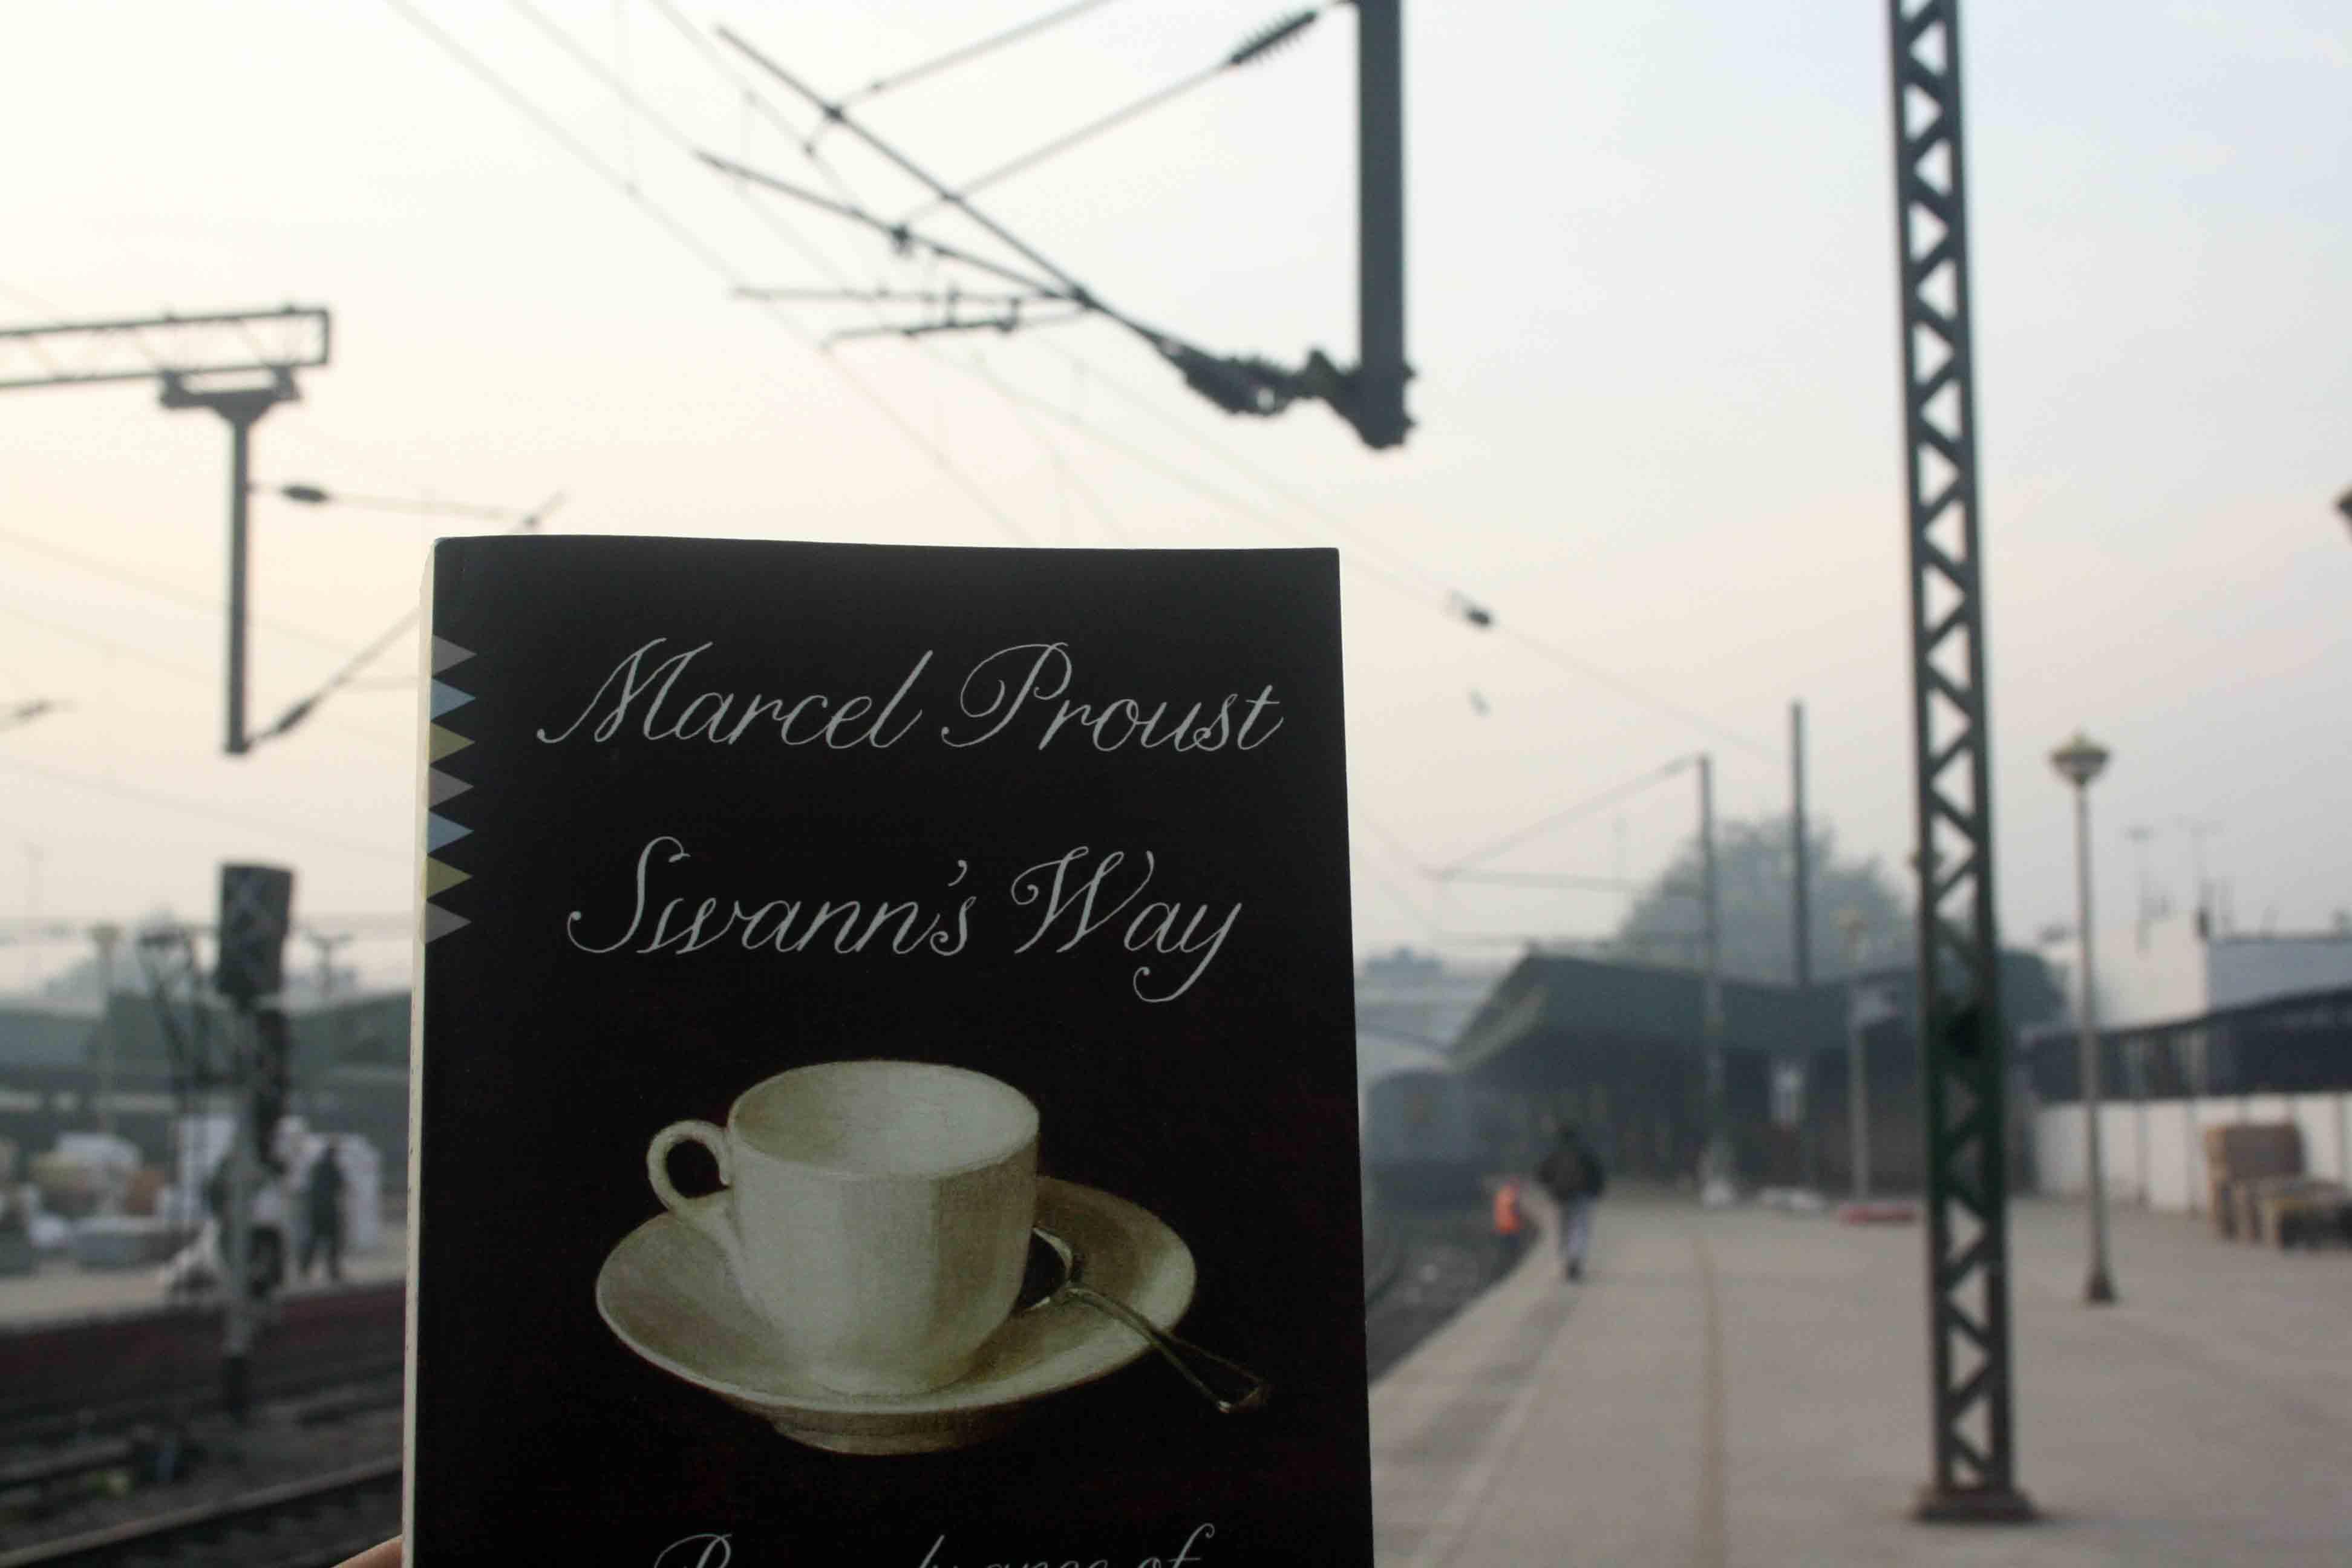 City Reading – The Delhi Proustians XXXVII, New Delhi Rail Station